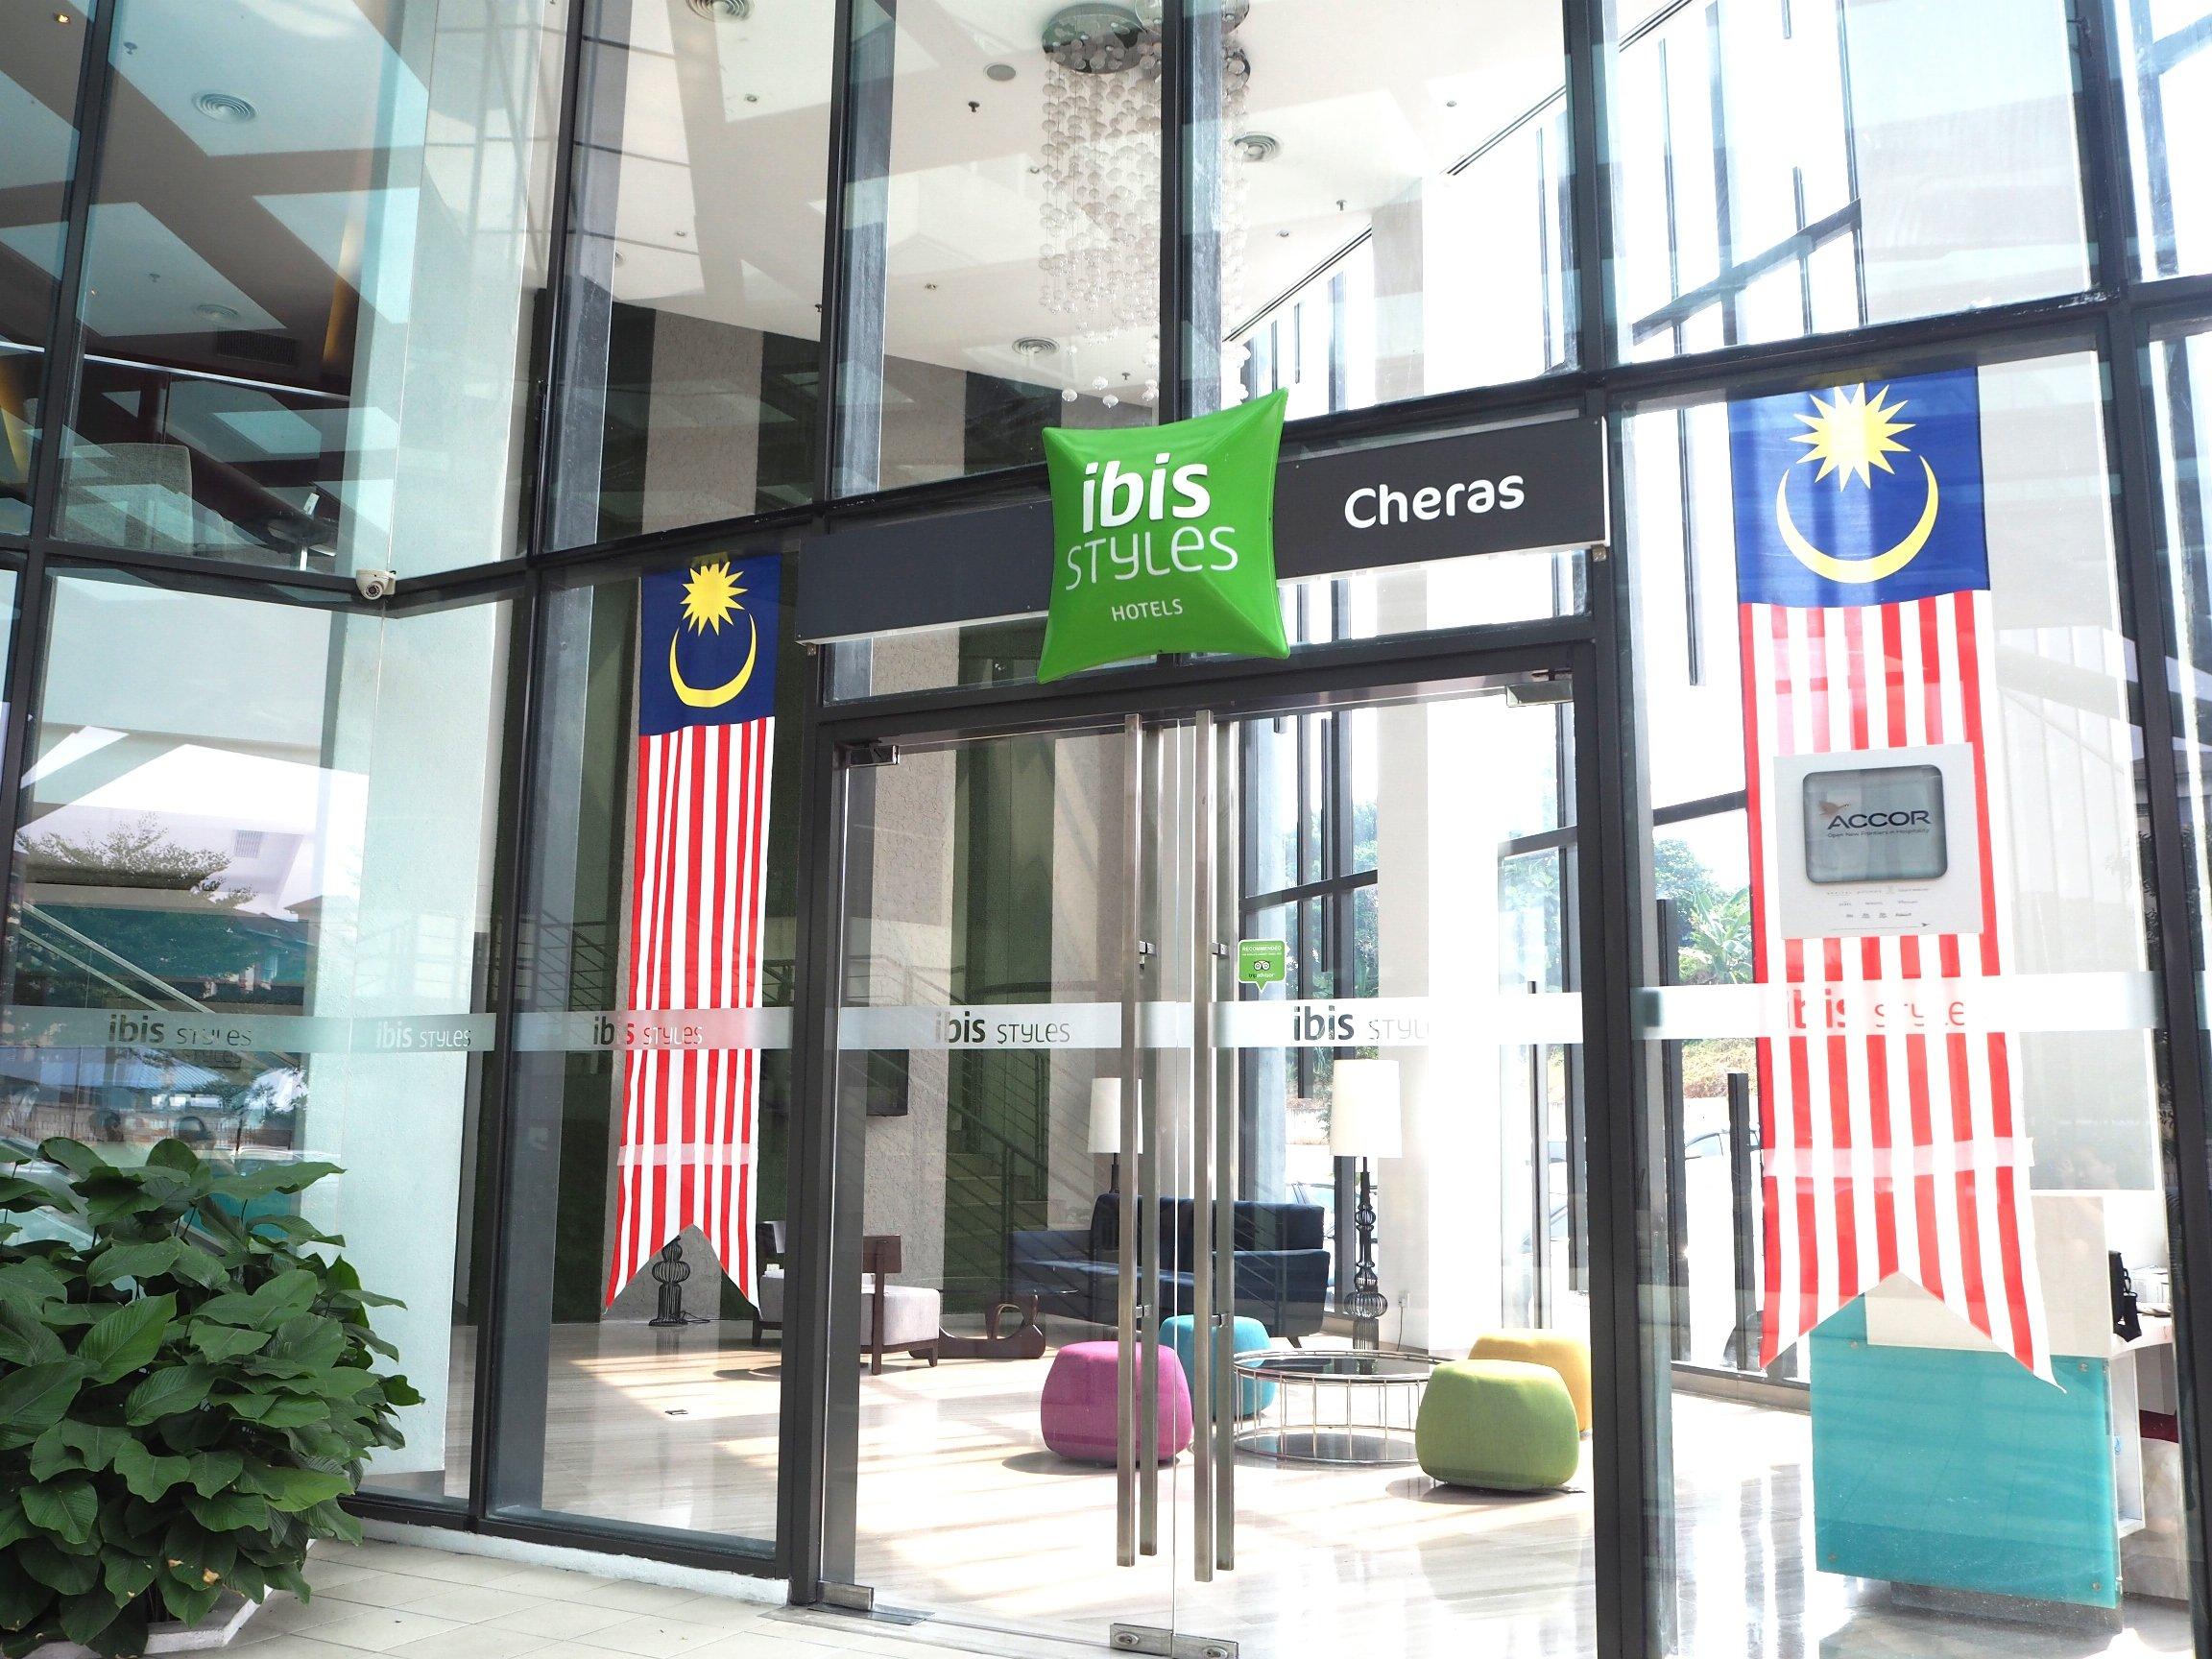 吉隆坡蕉赖宜必思样式酒店